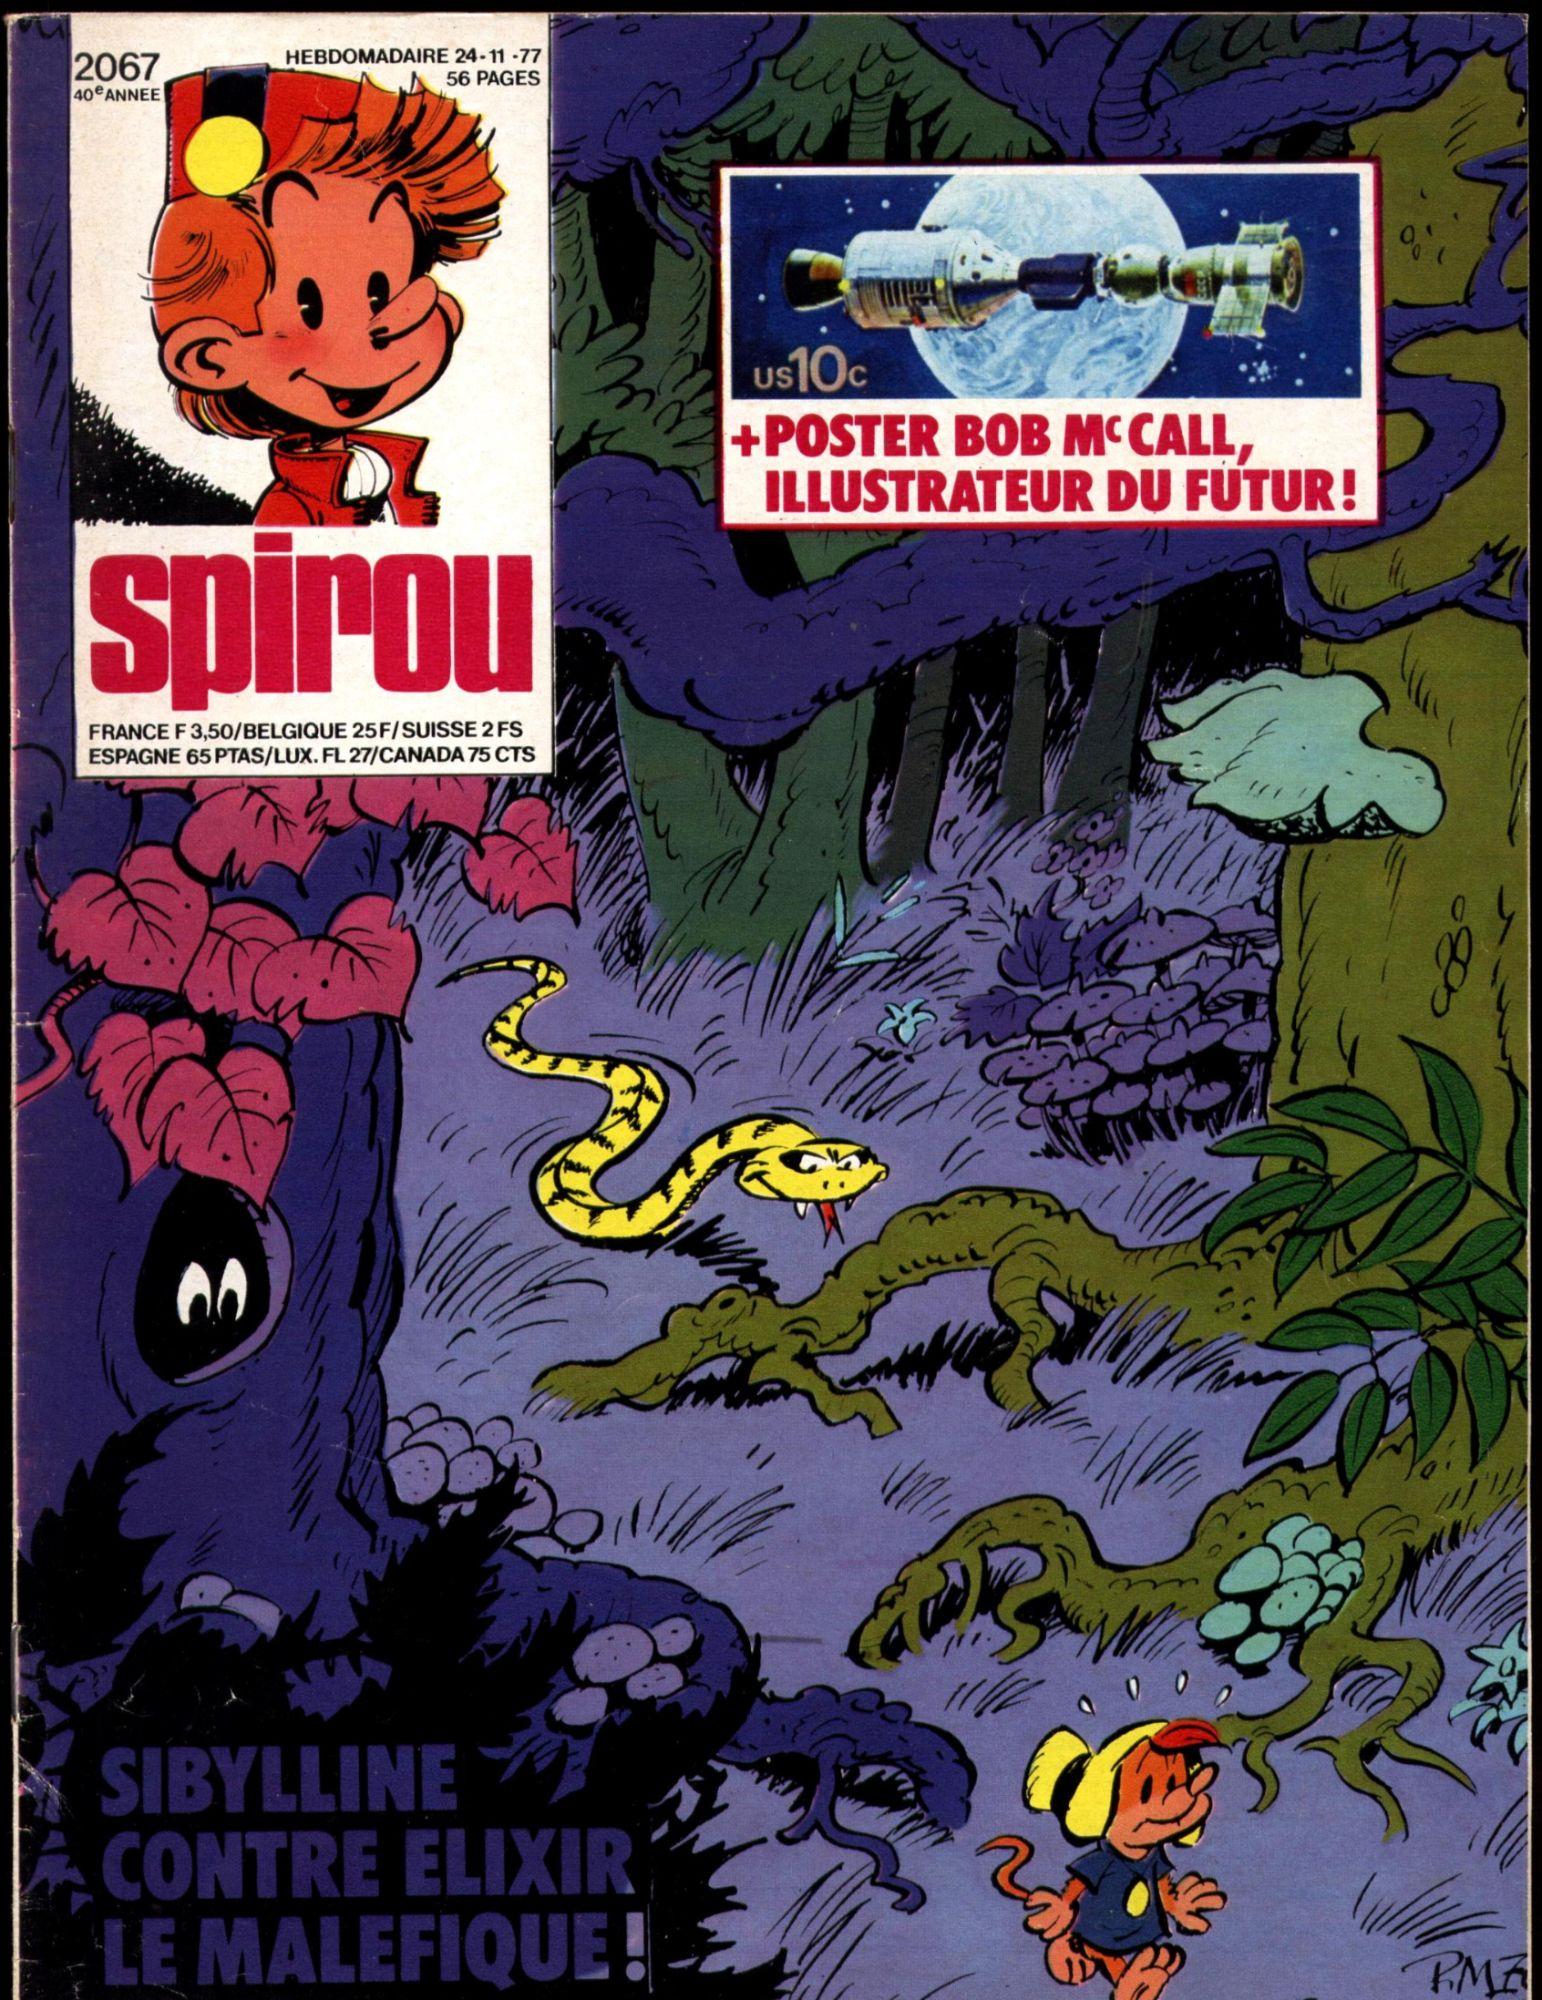 Le journal de Spirou 2067 - 2067